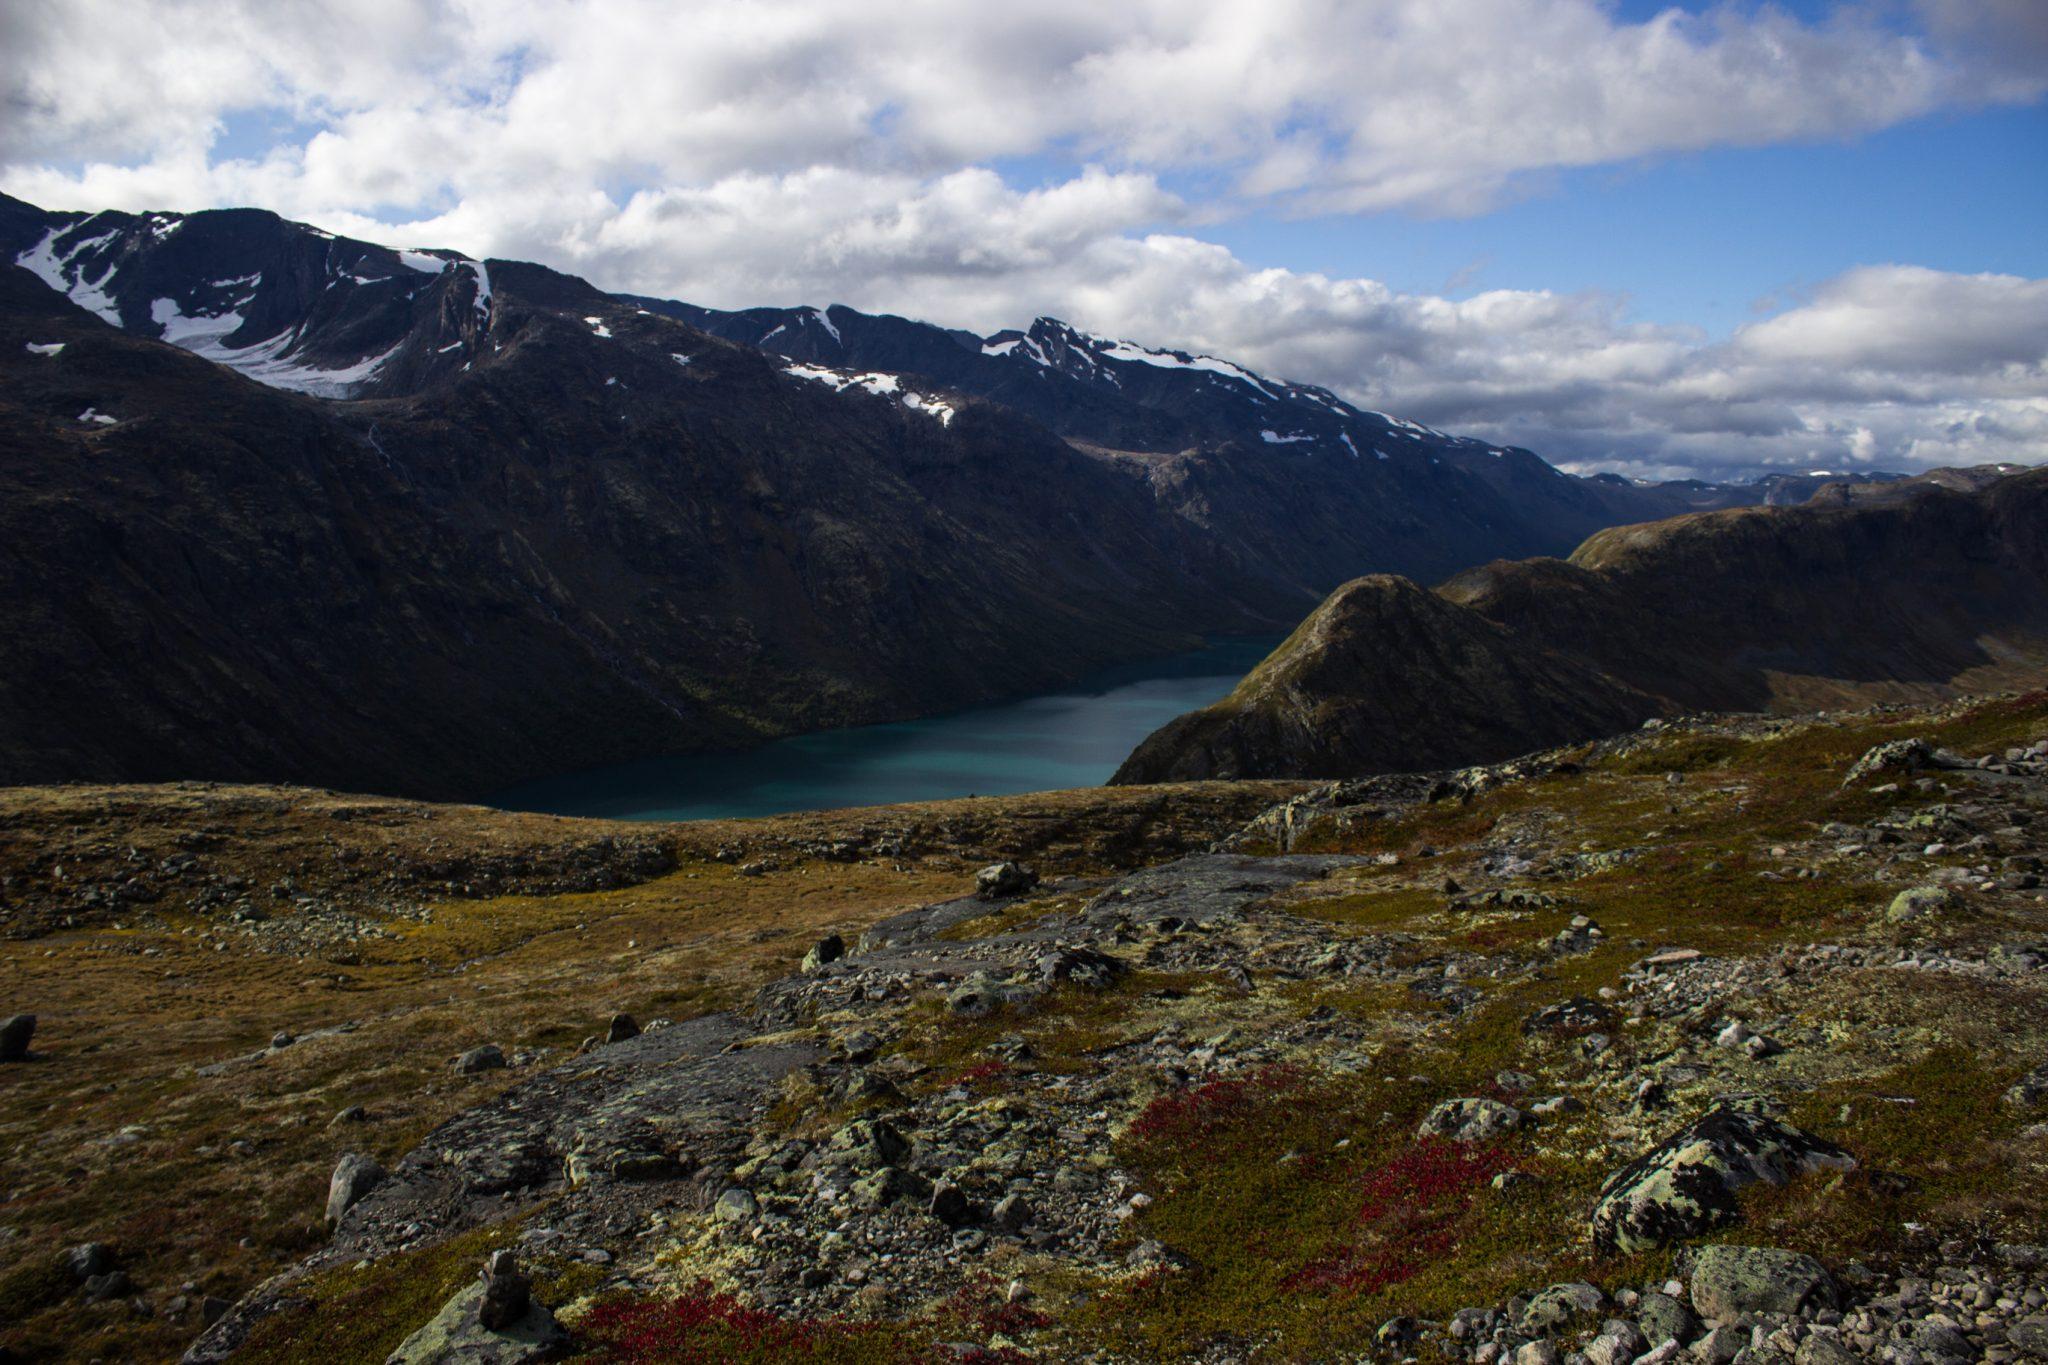 Wanderung Besseggen-Grat im Jotunheimen Nationalpark, traumhafte Landschaft, teils karge Fluß- und Berglandschaft, schneebedeckte Gipfel